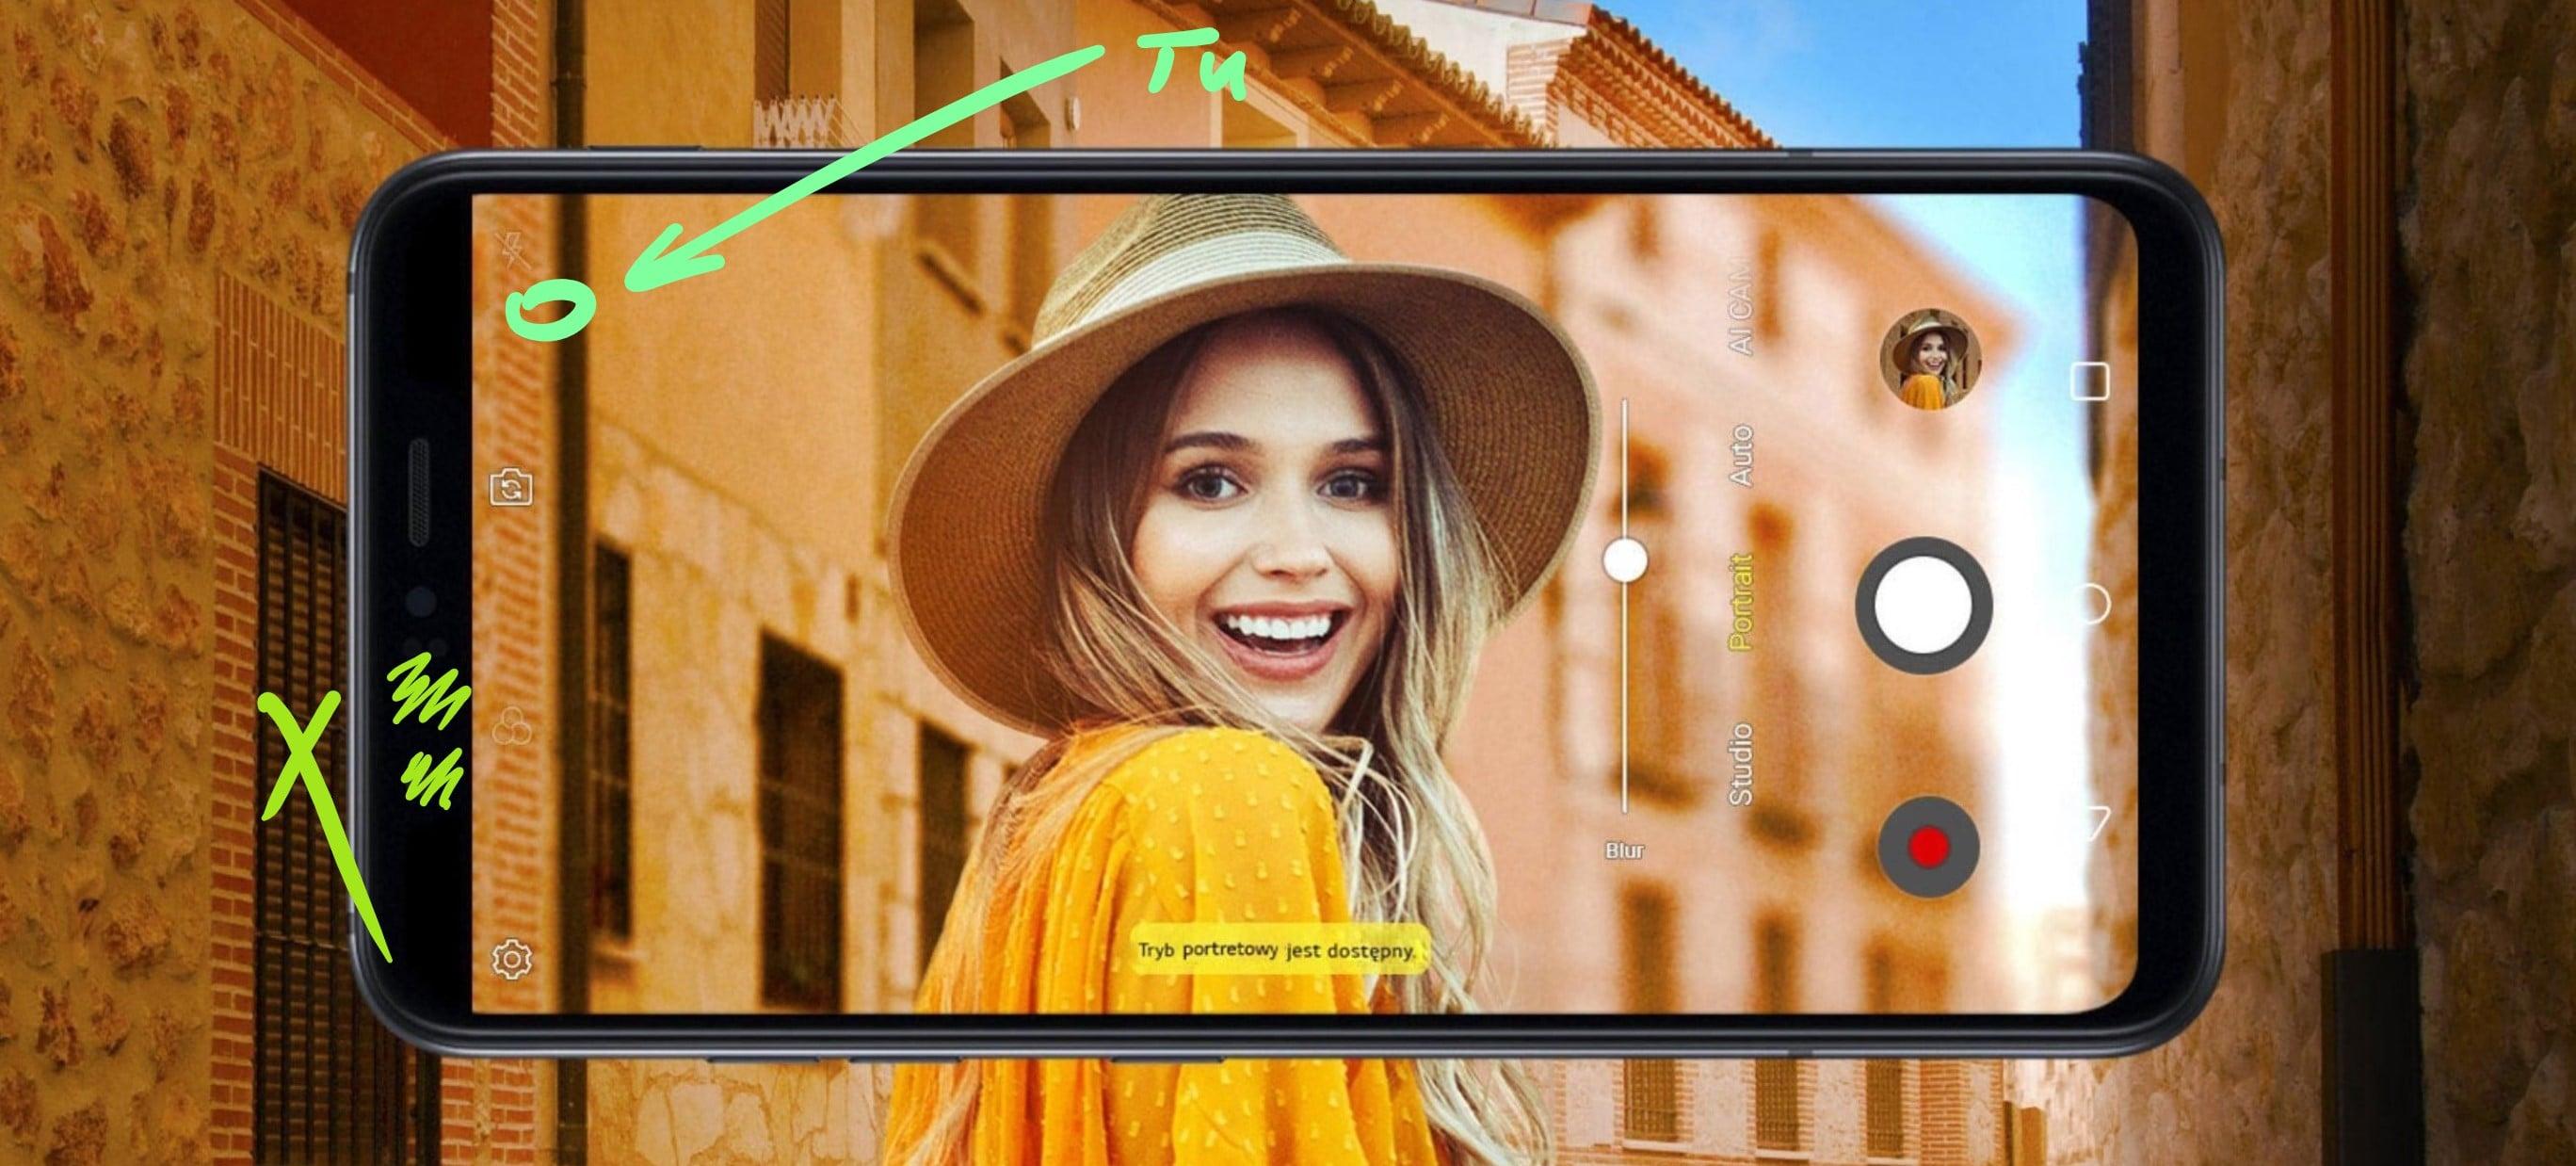 LG też chce mieć kiedyś smartfon z aparatem ukrytym pod ekranem 27